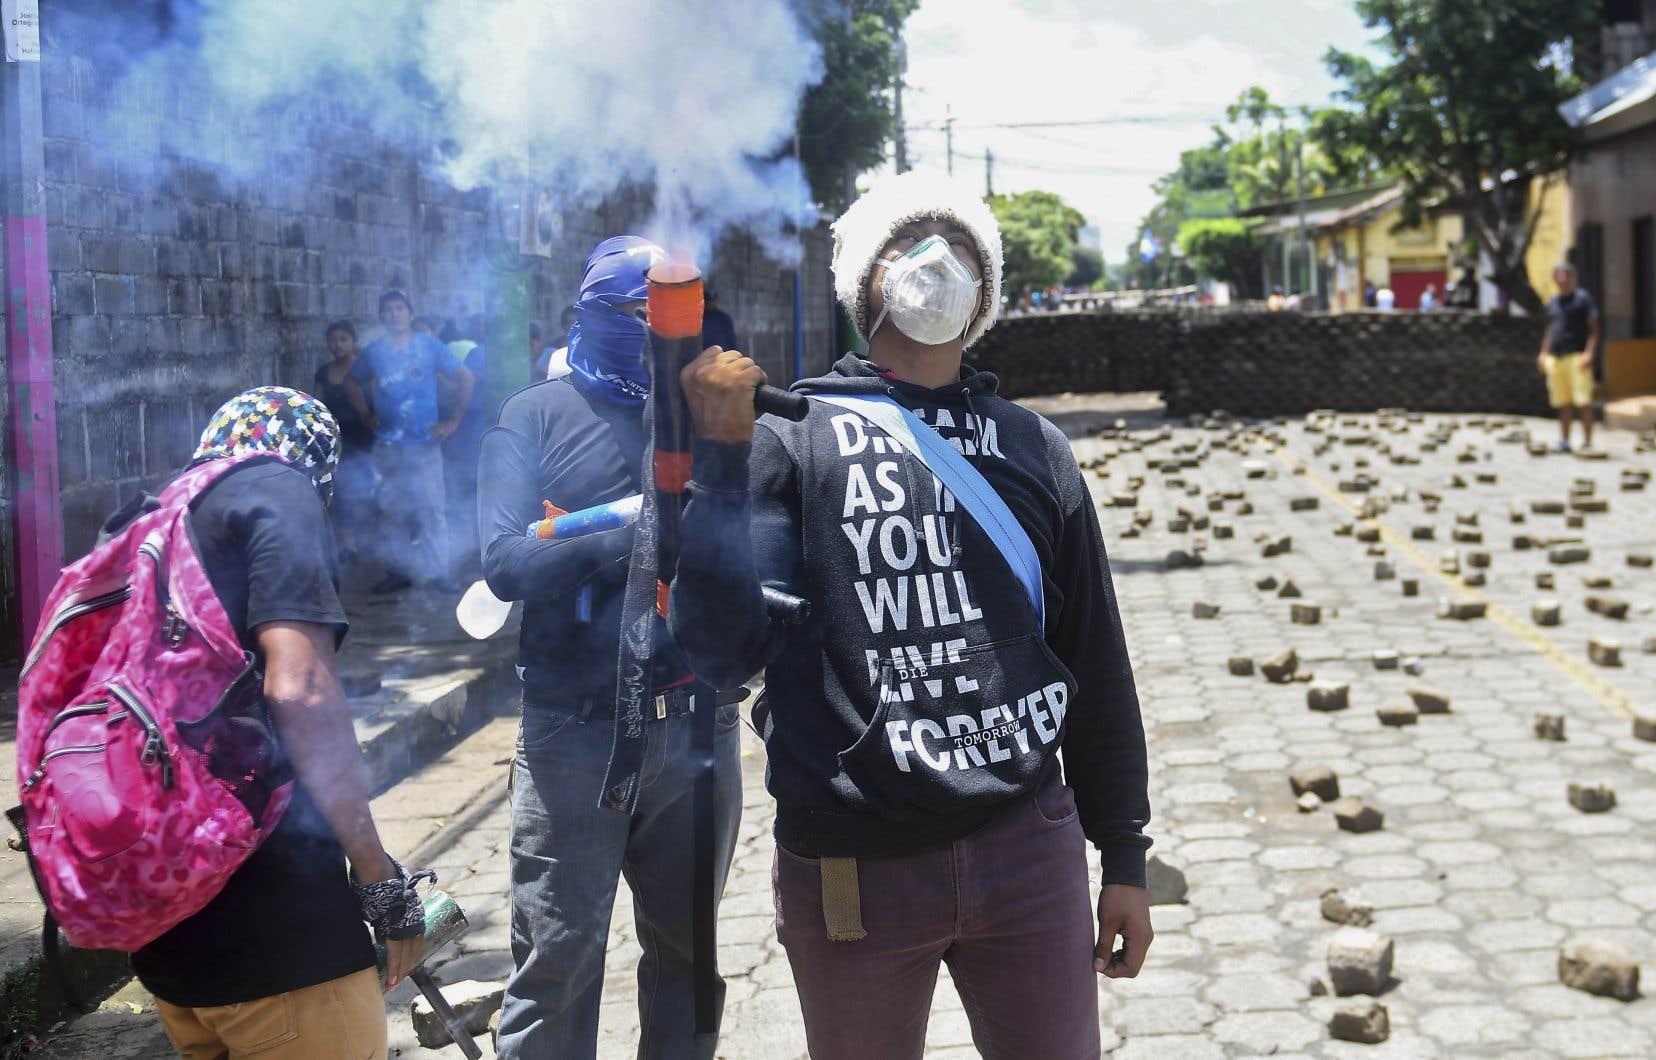 Depuis le 18avril, quand ont éclaté les premières manifestations, le Centre nicaraguayen des droits de l'homme (CENIDH) a dénombré 187 morts et plus de 1000 blessés.